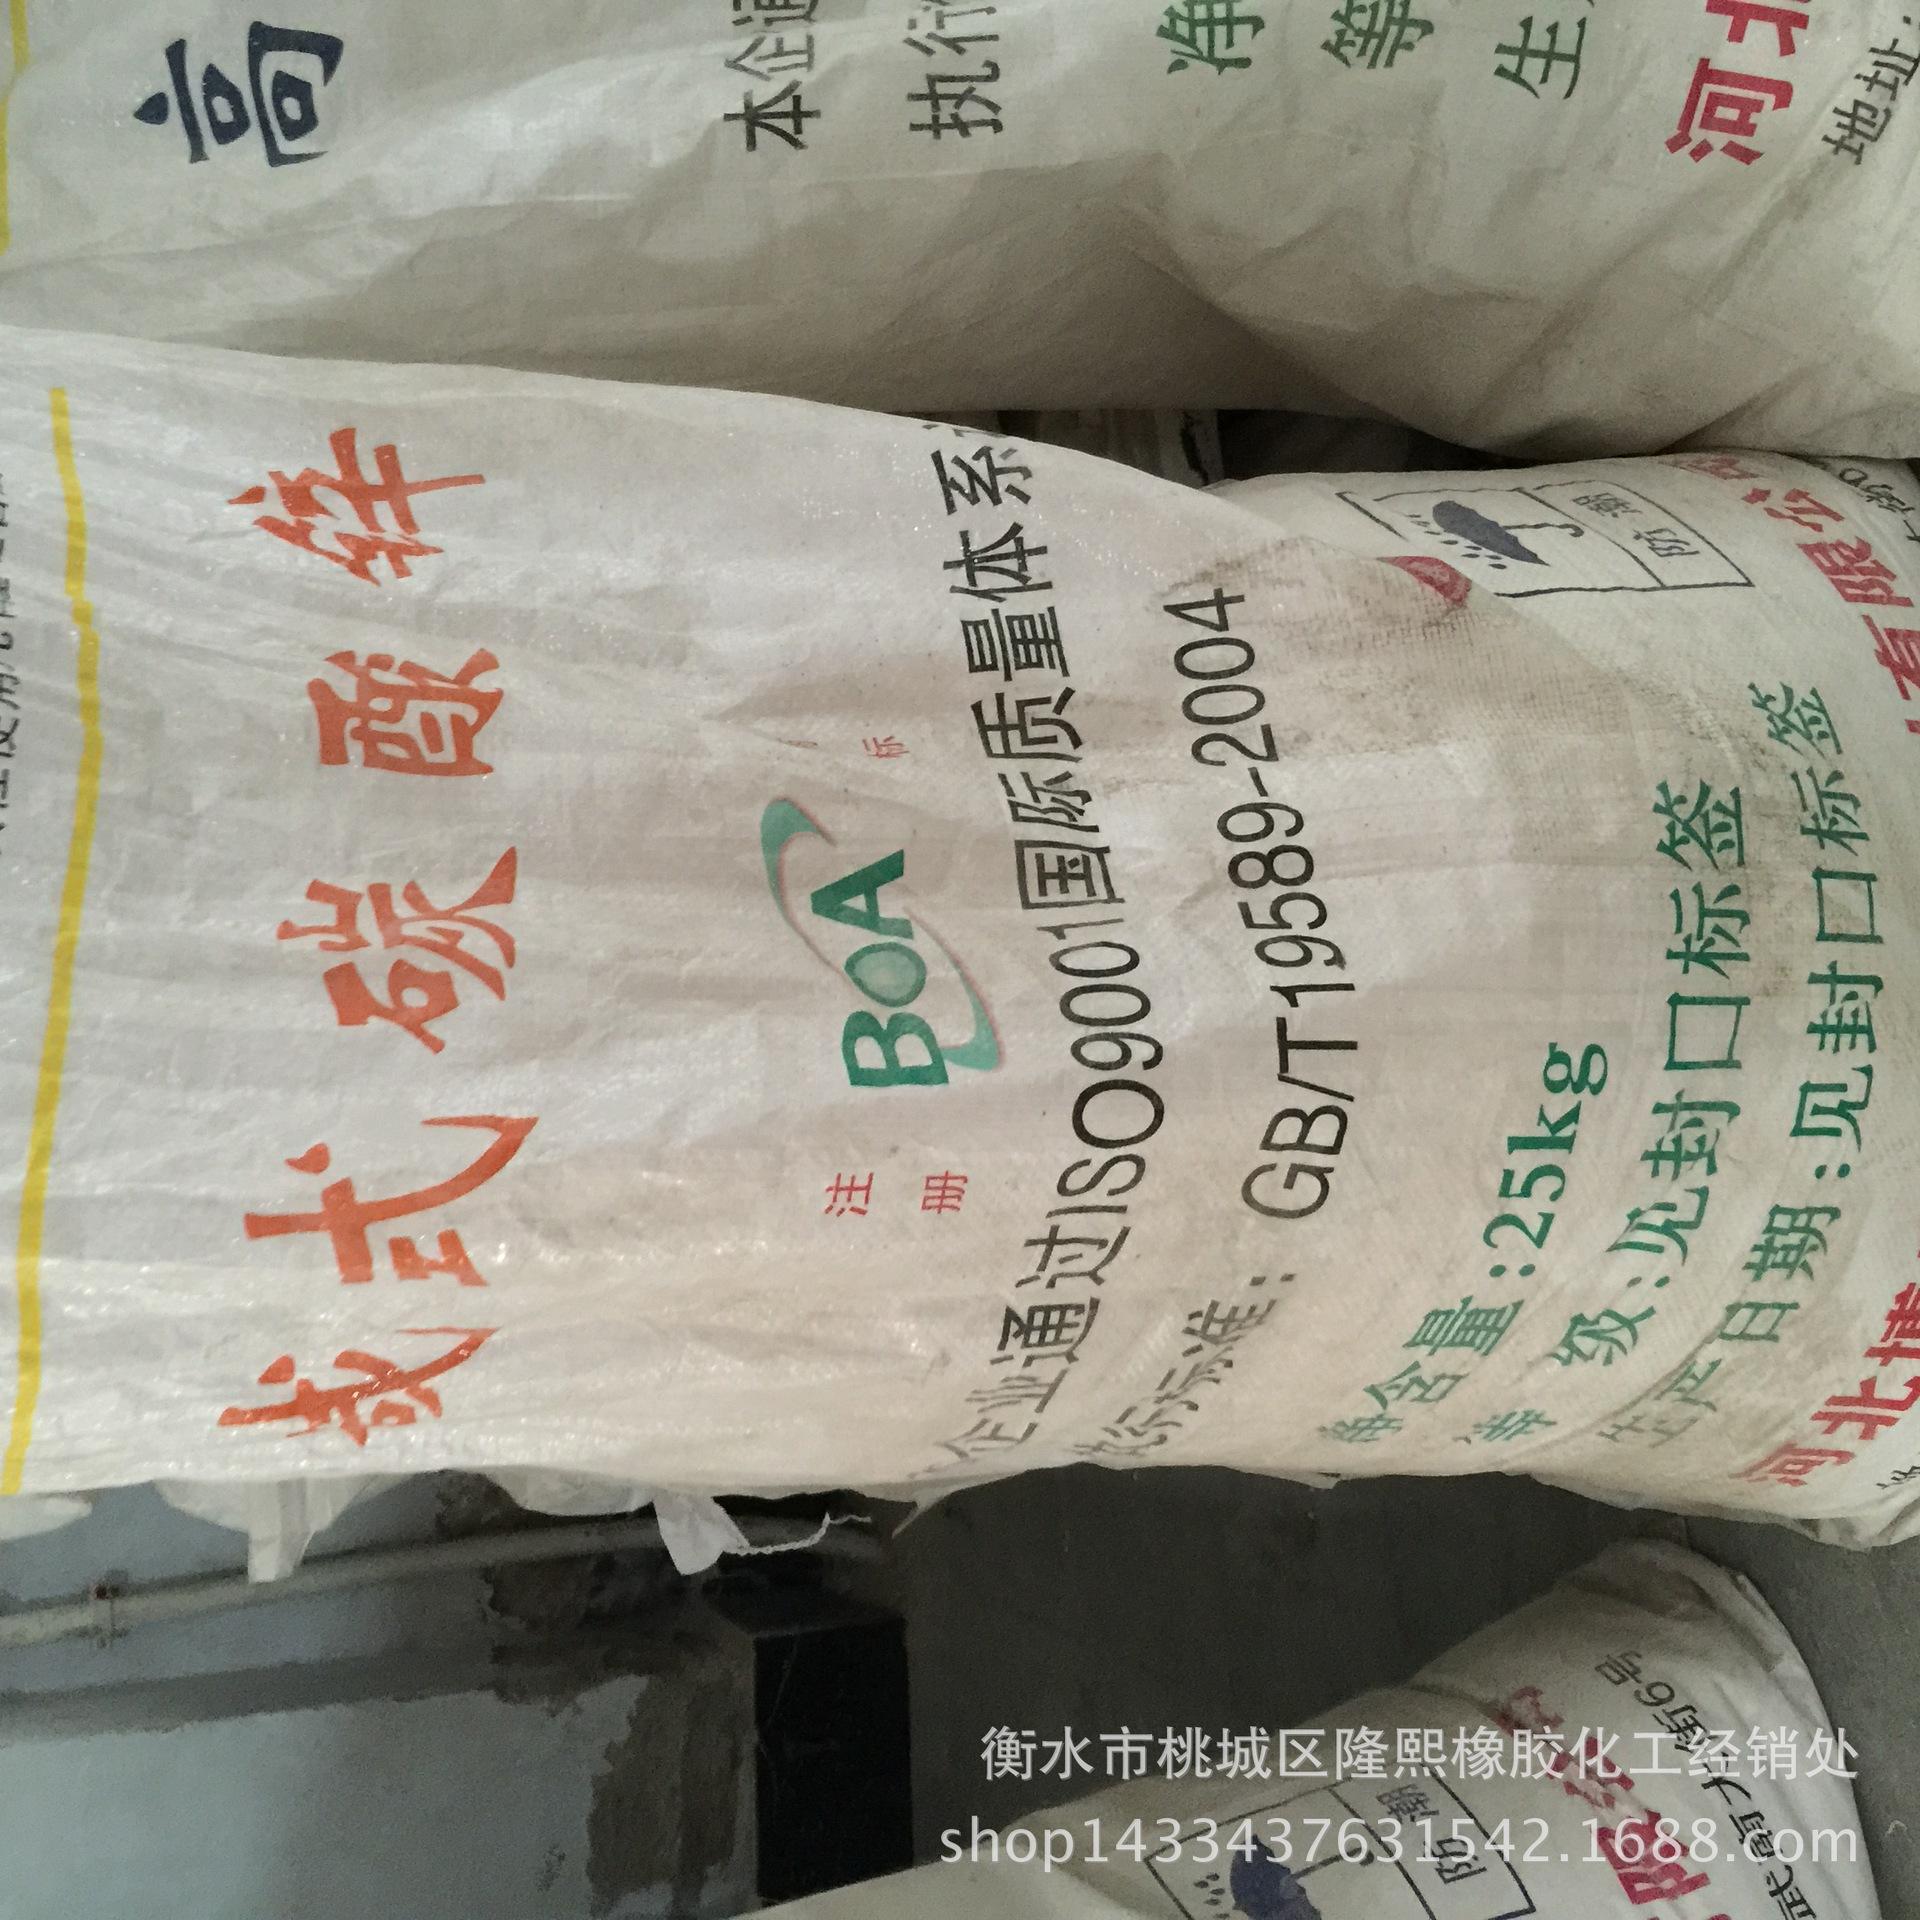 厂家直销 间接法氧化锌质量优价格低欢迎选购